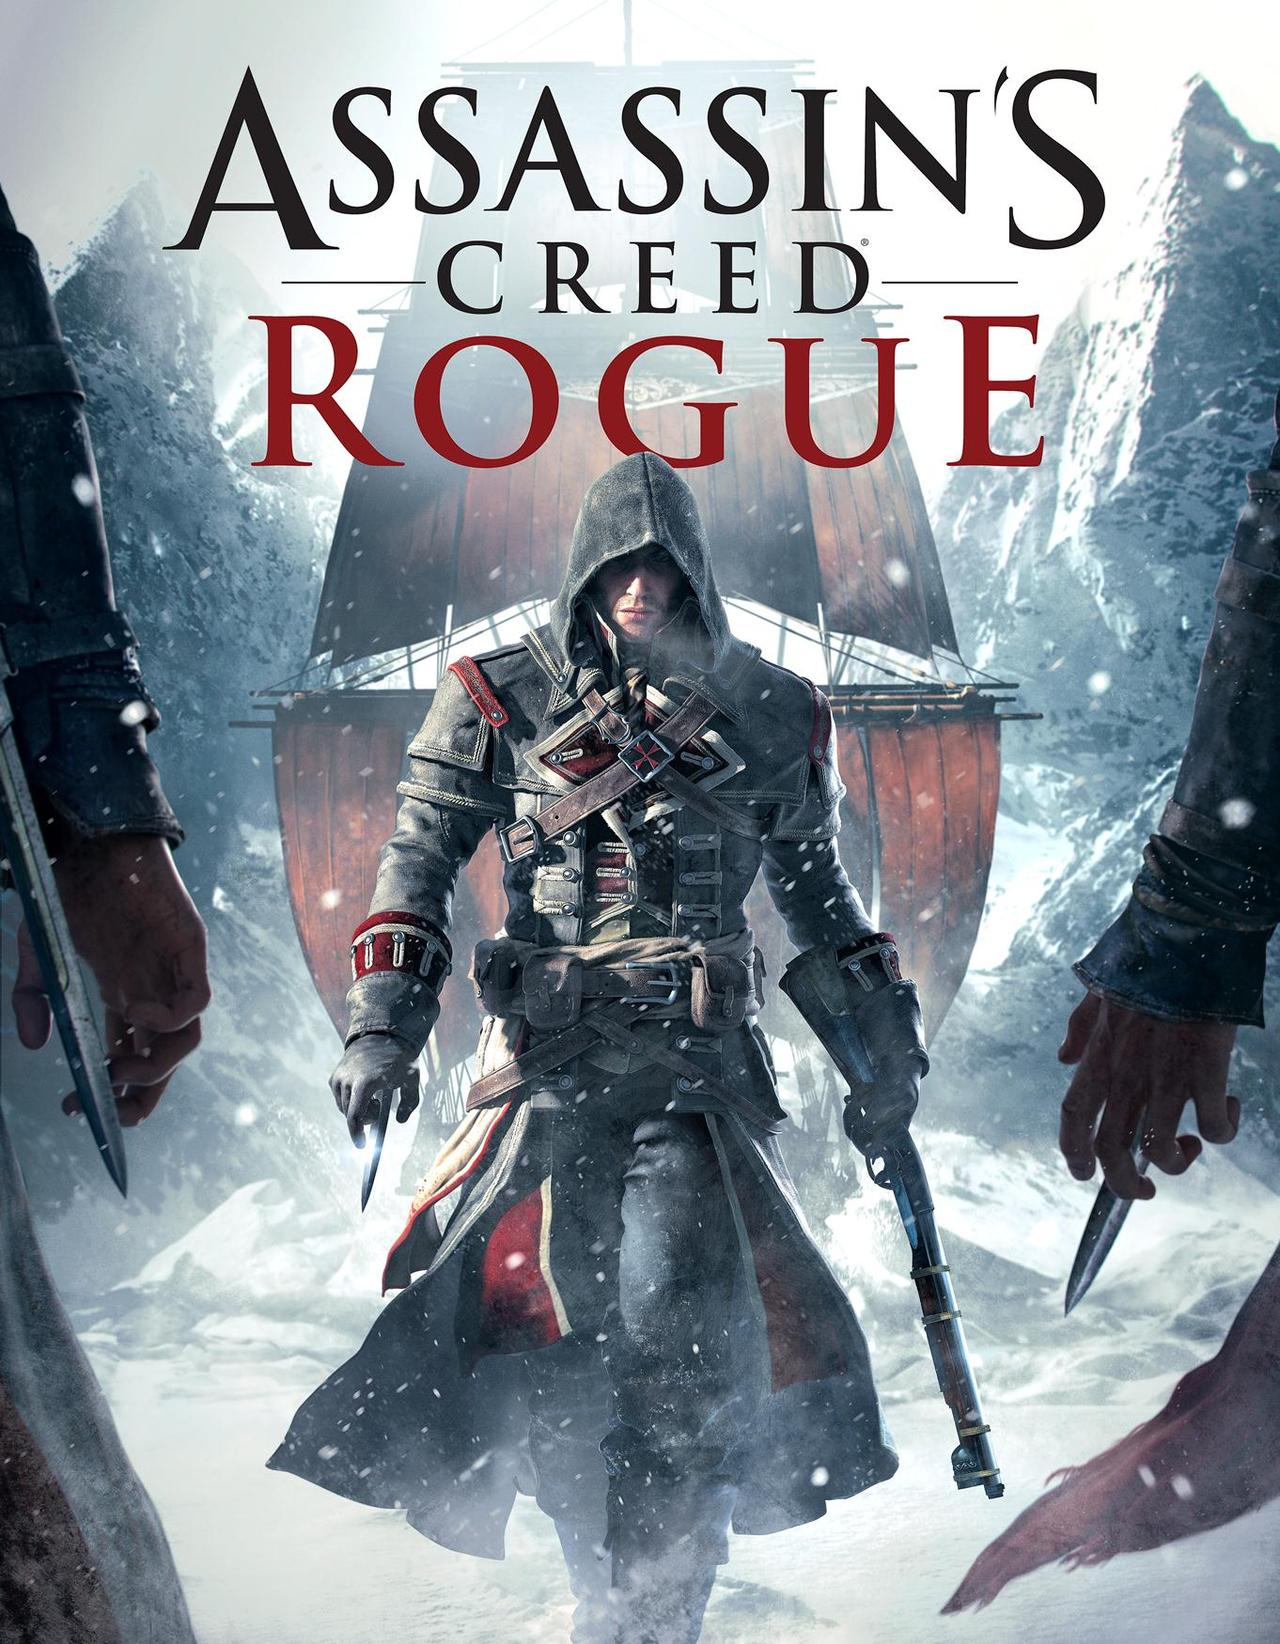 Playstation 3 / Xbox360 Assassin-s-creed-rogue-playstation-3-ps3-1407258498-006